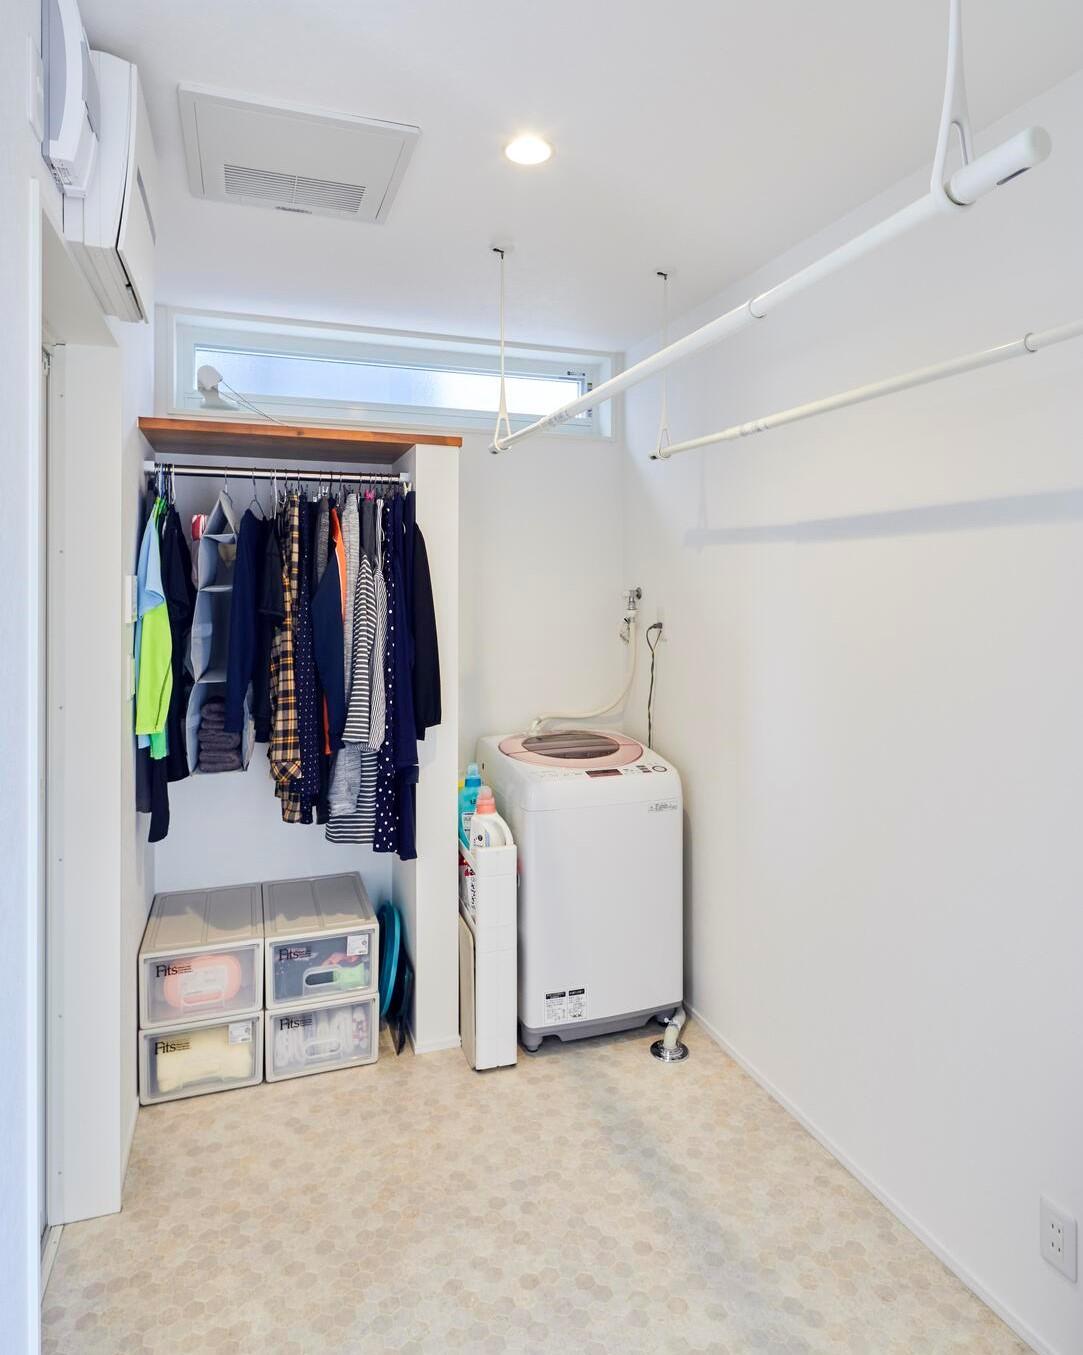 脱衣所は少し広めに設計して、室内干しできるスペースを確保した